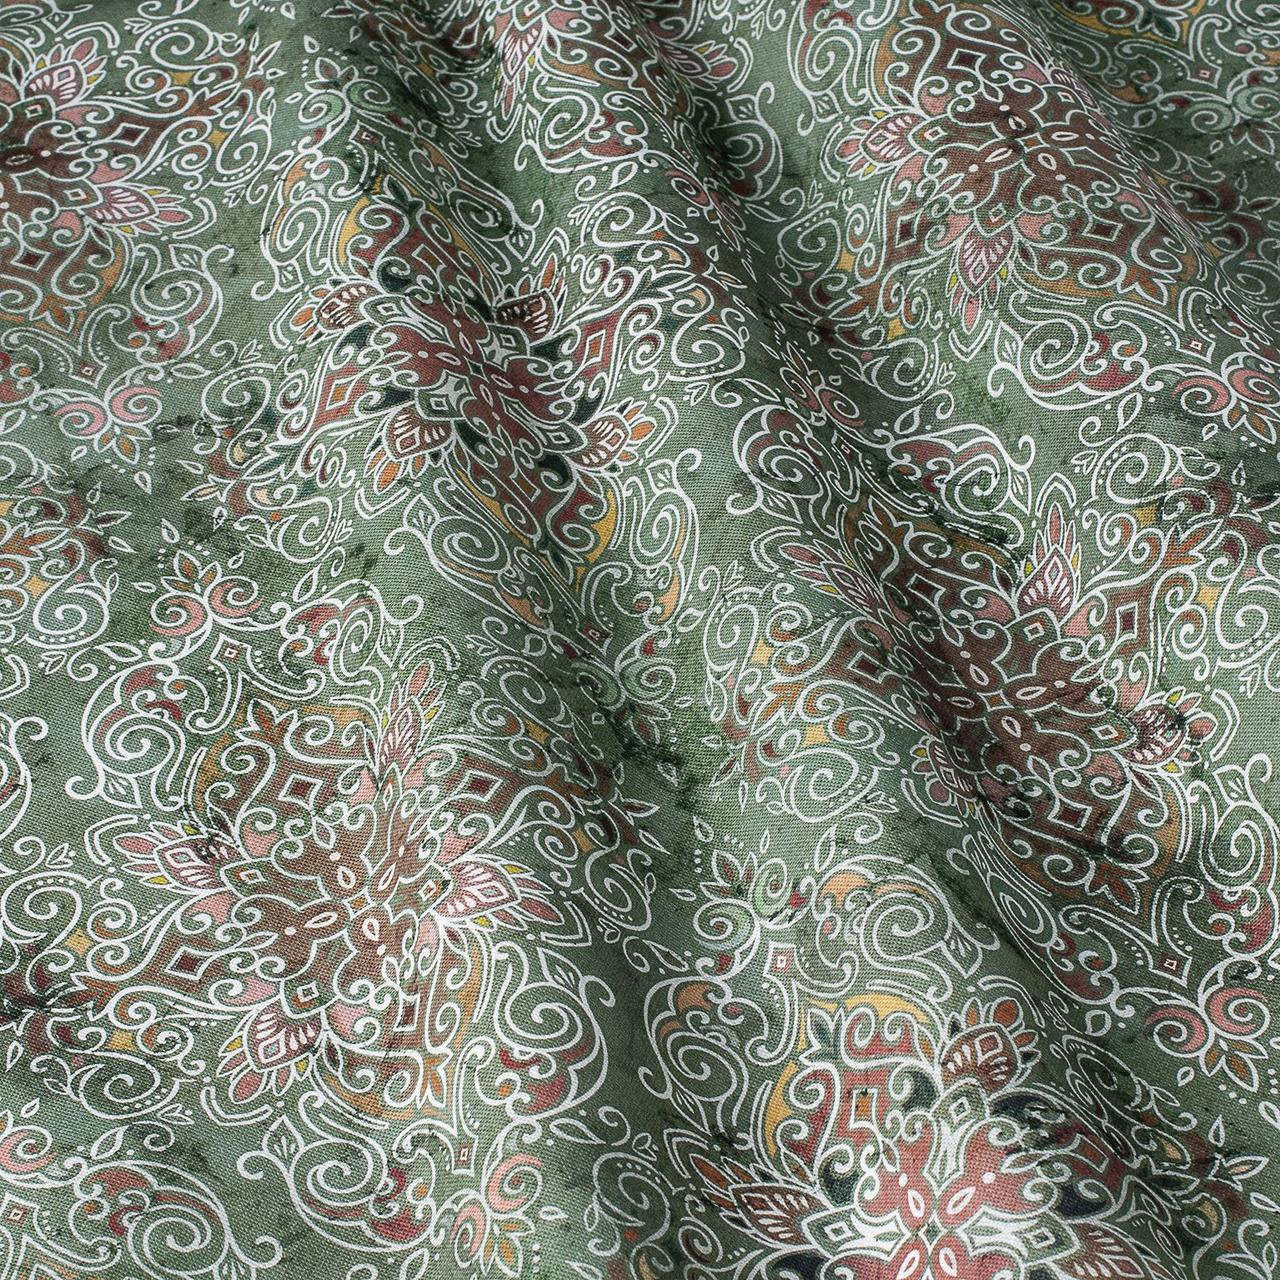 Декоративна тканина коричневий вензель на зеленому тлі Іспанія 87874v4